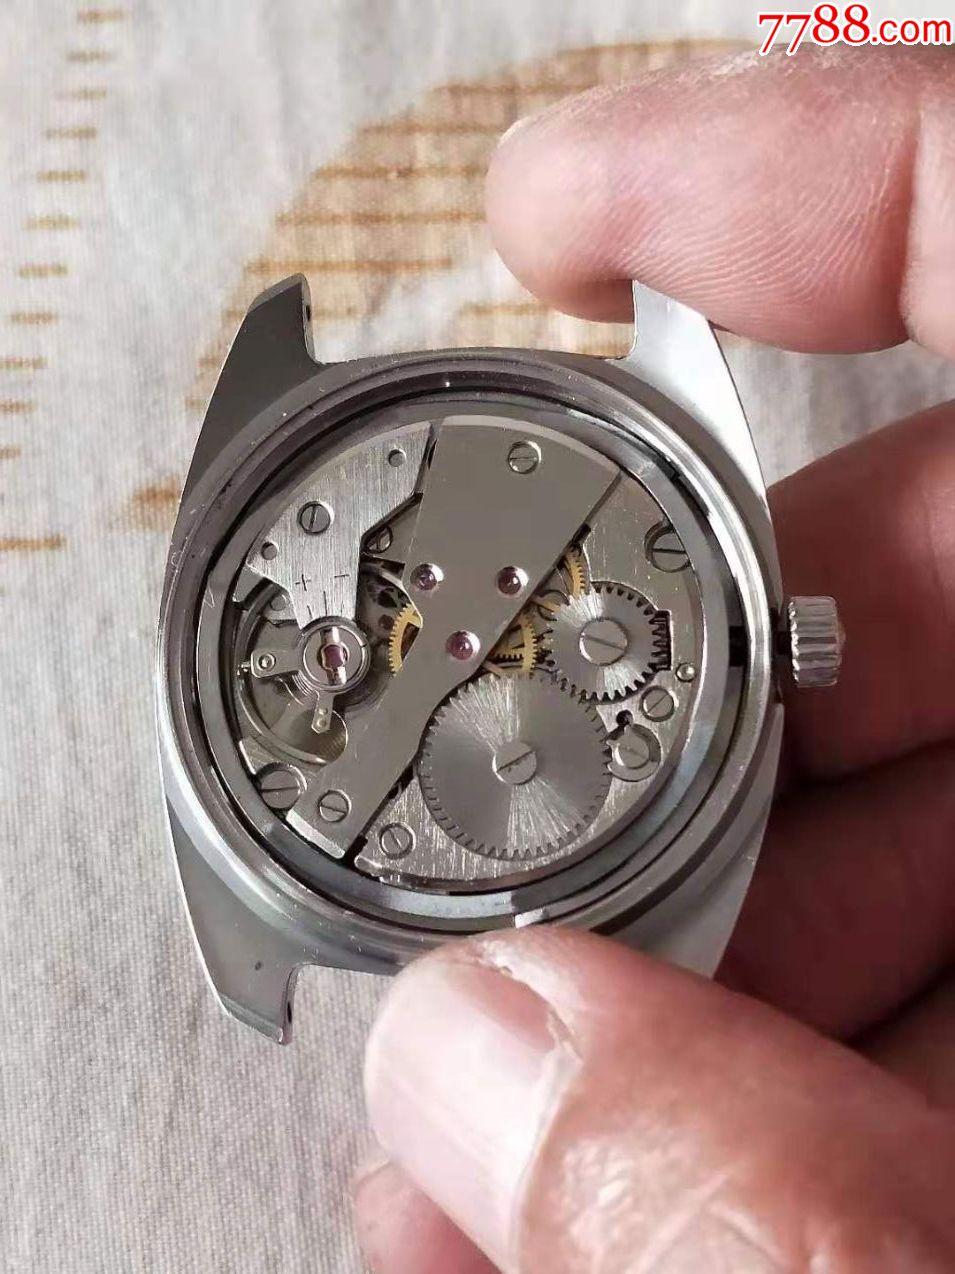 梅花鹿彩色�P_手表/腕表_第7��_7788�表收藏